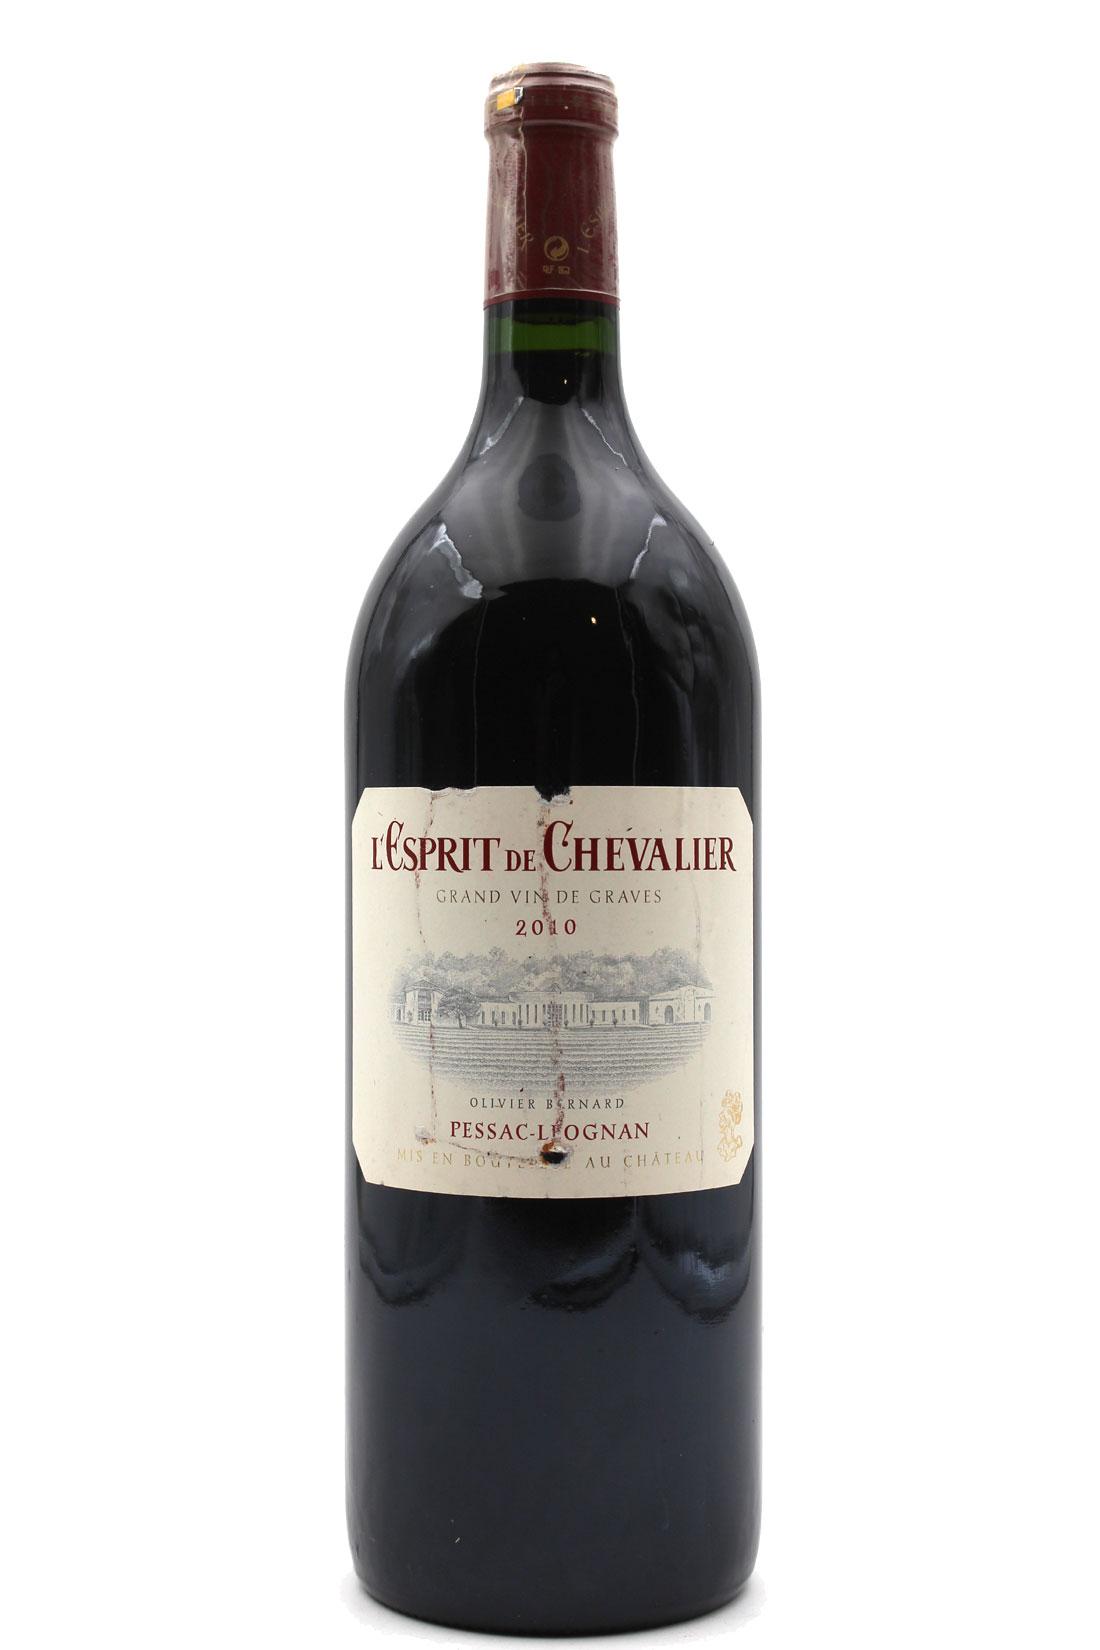 L\' Esprit de Chevalier 2010 - Magnum - 150cl AOC Pessac-Leognan